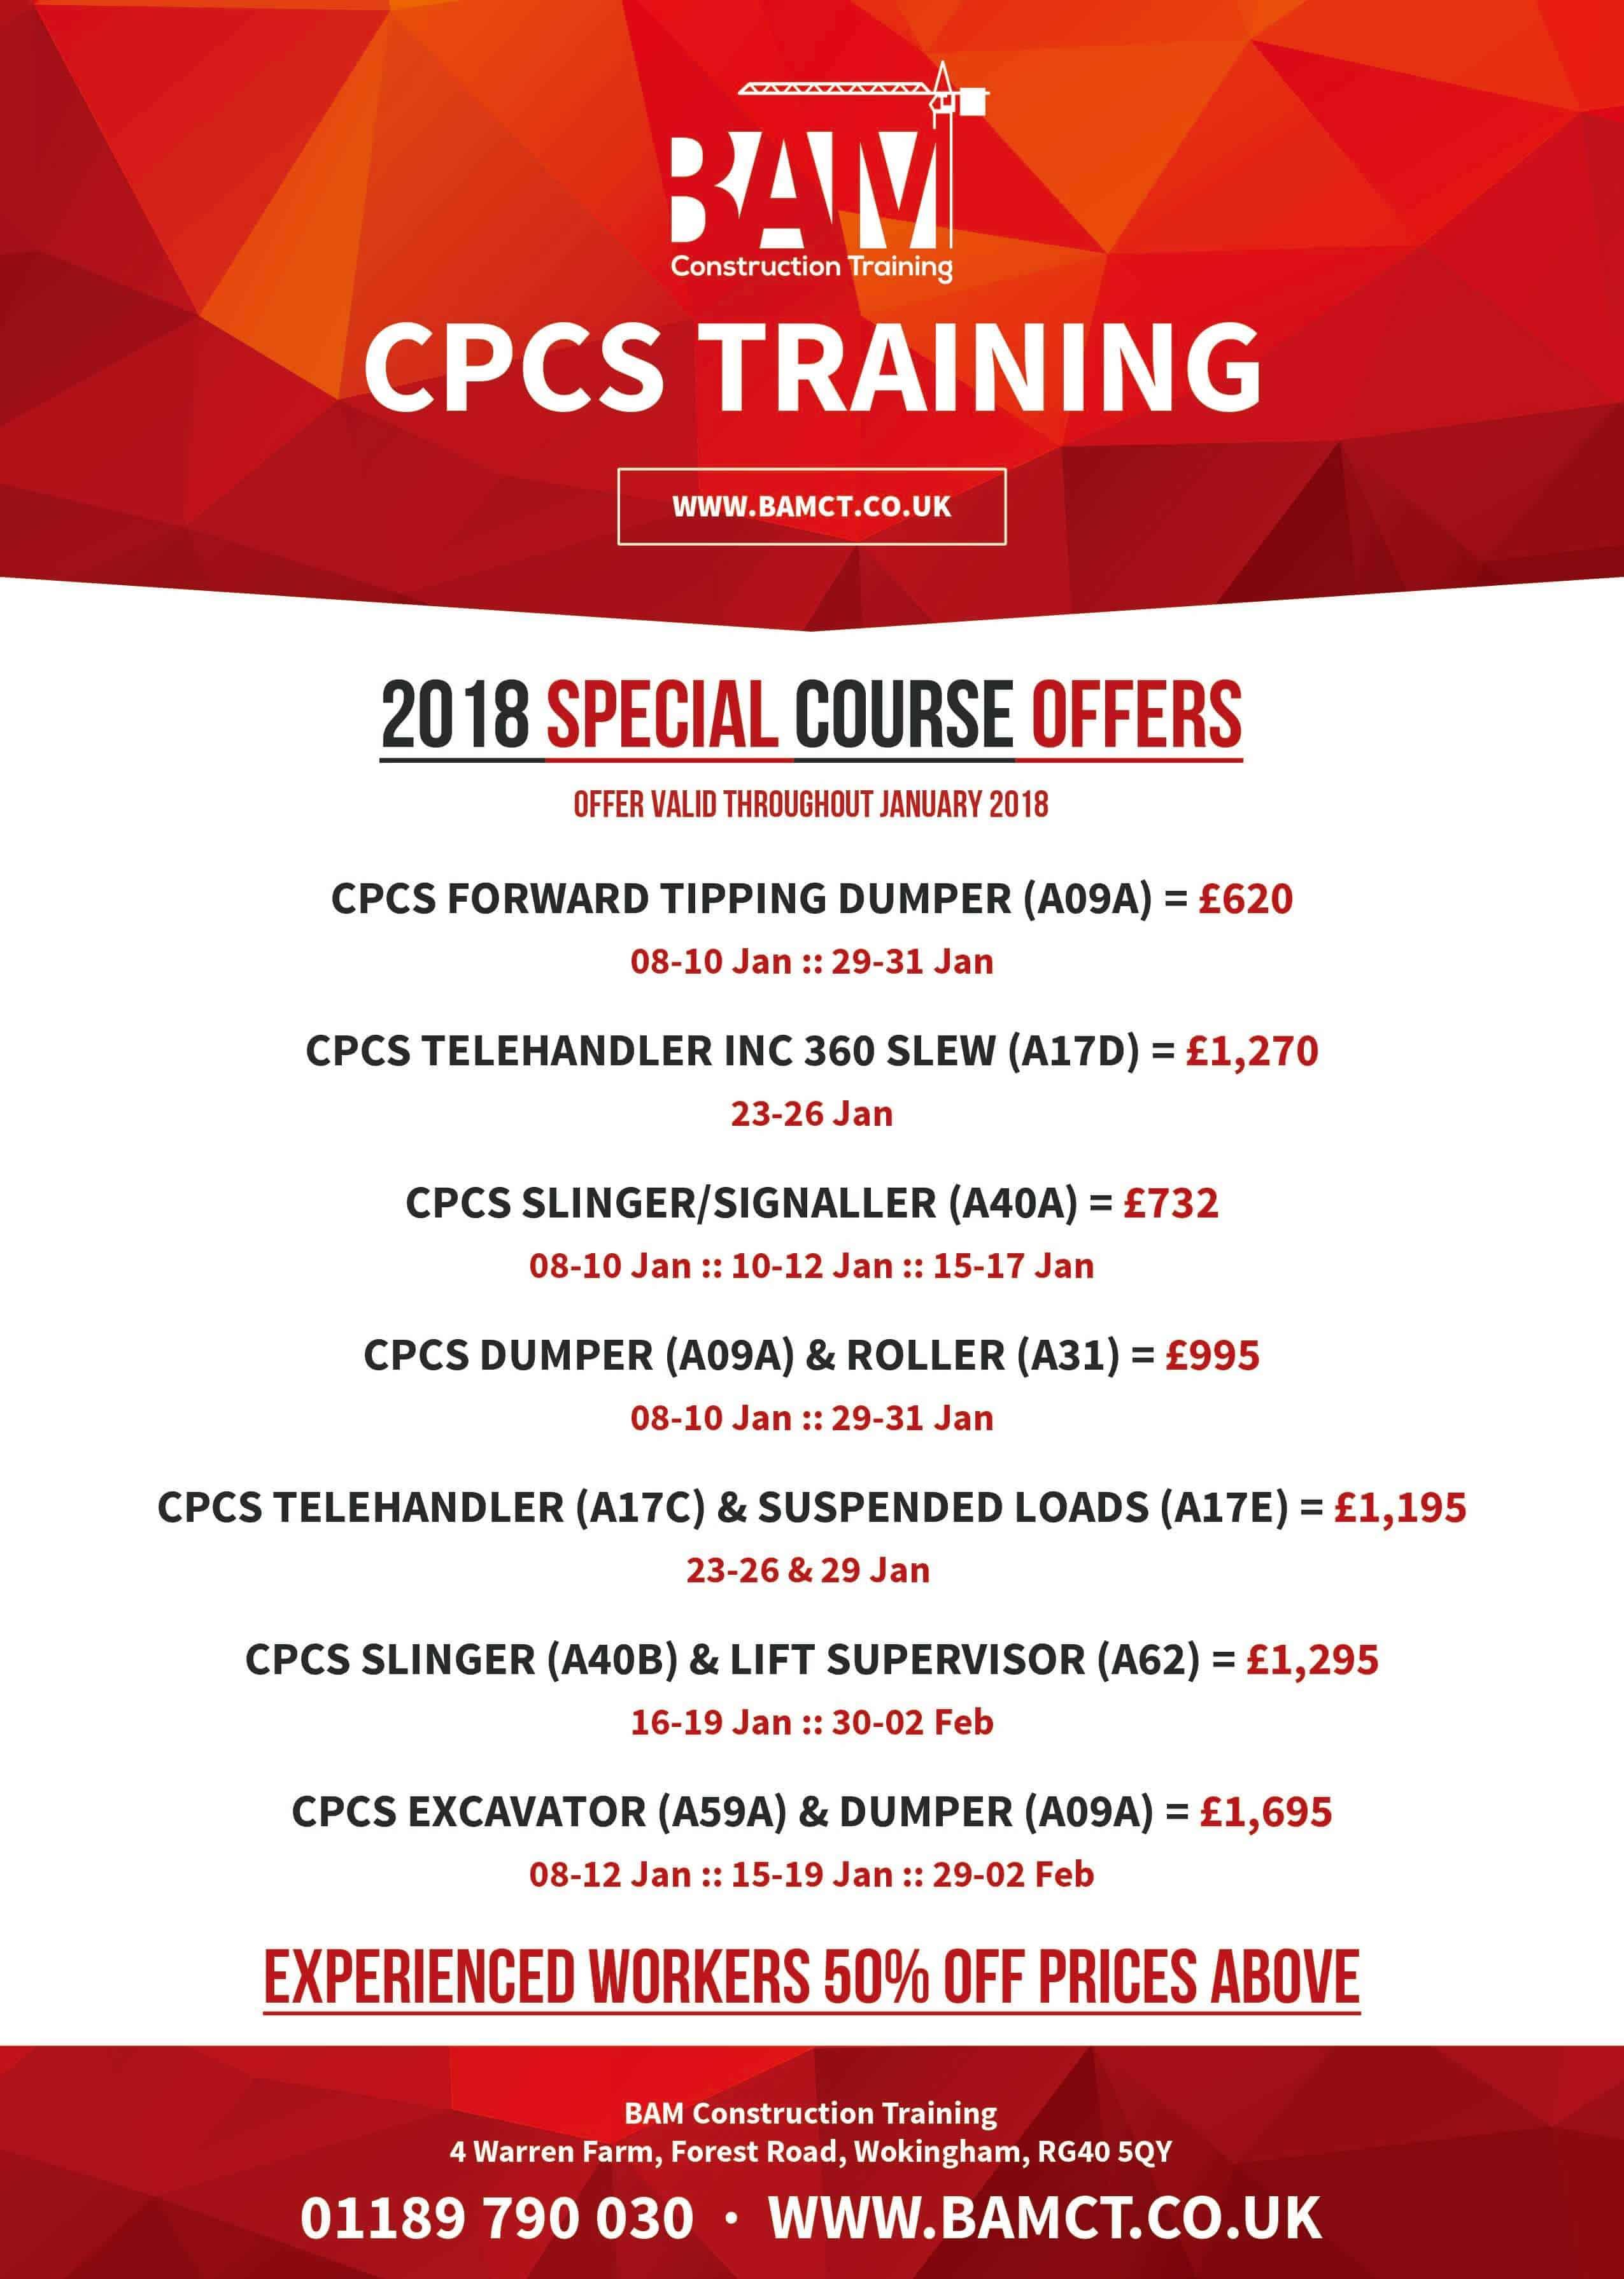 CPCS Specials